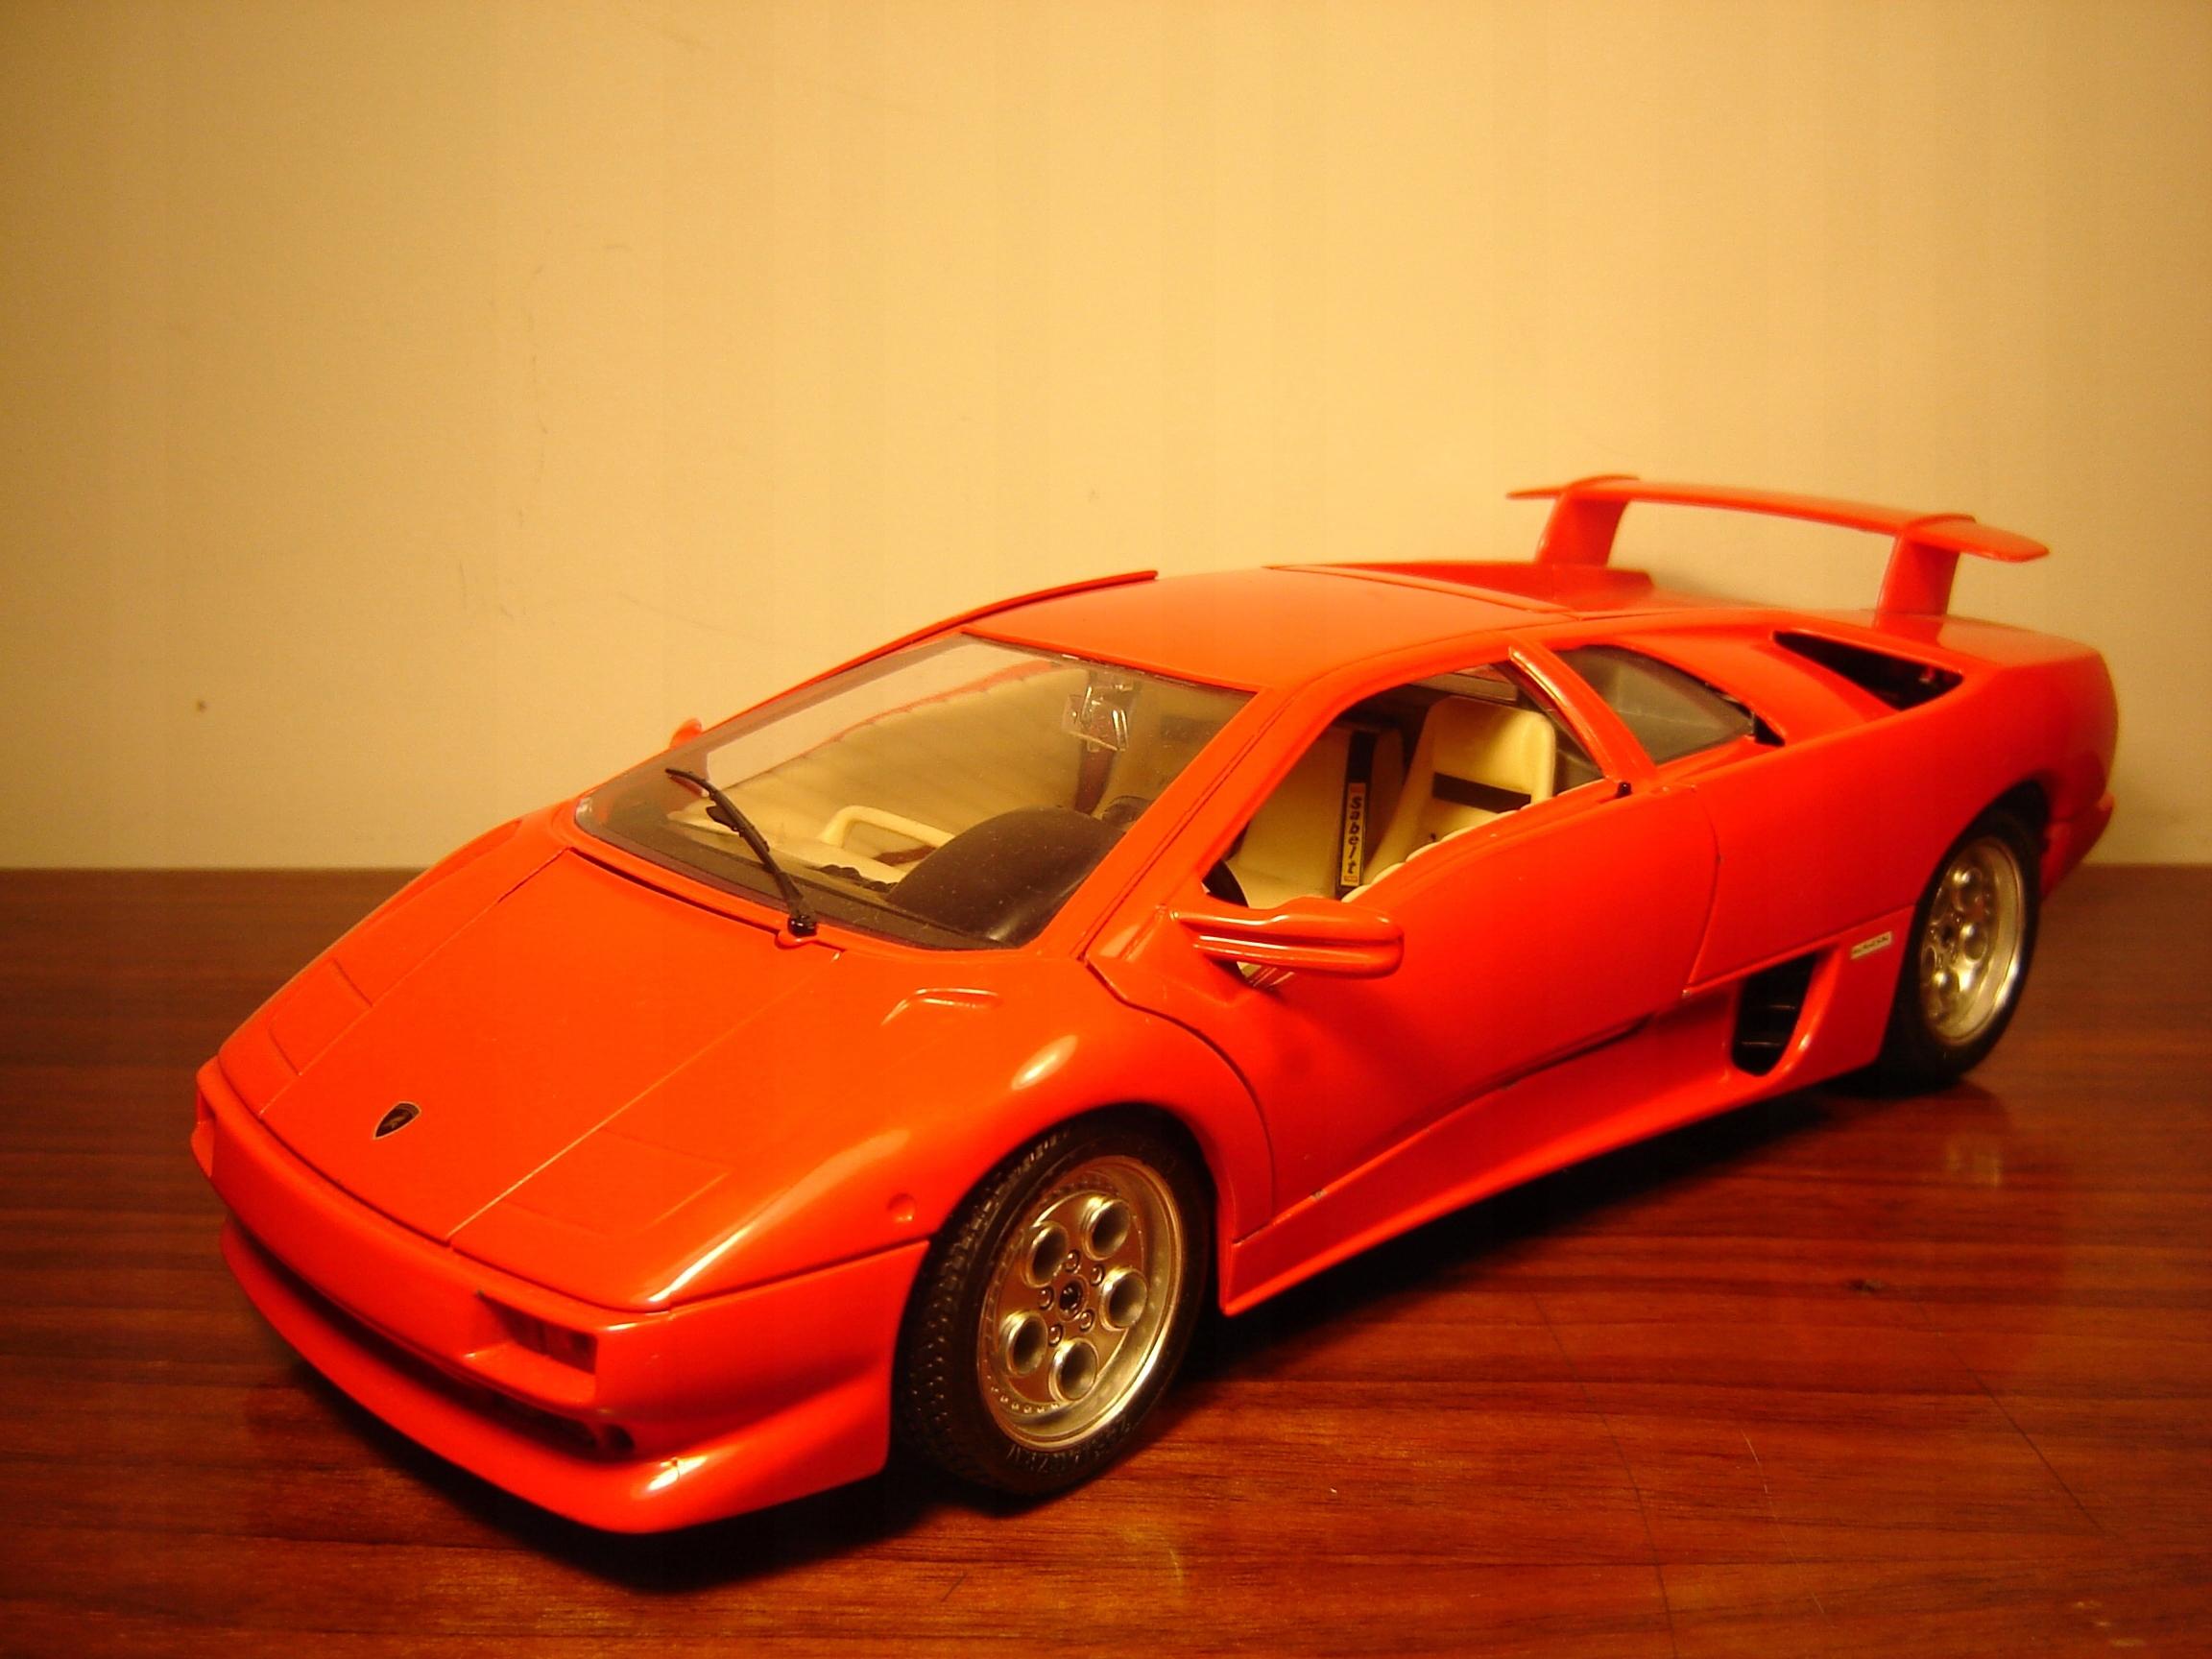 Lamborghini Diablo 1990 Bburago Bez Pudla Czerwony 7521959247